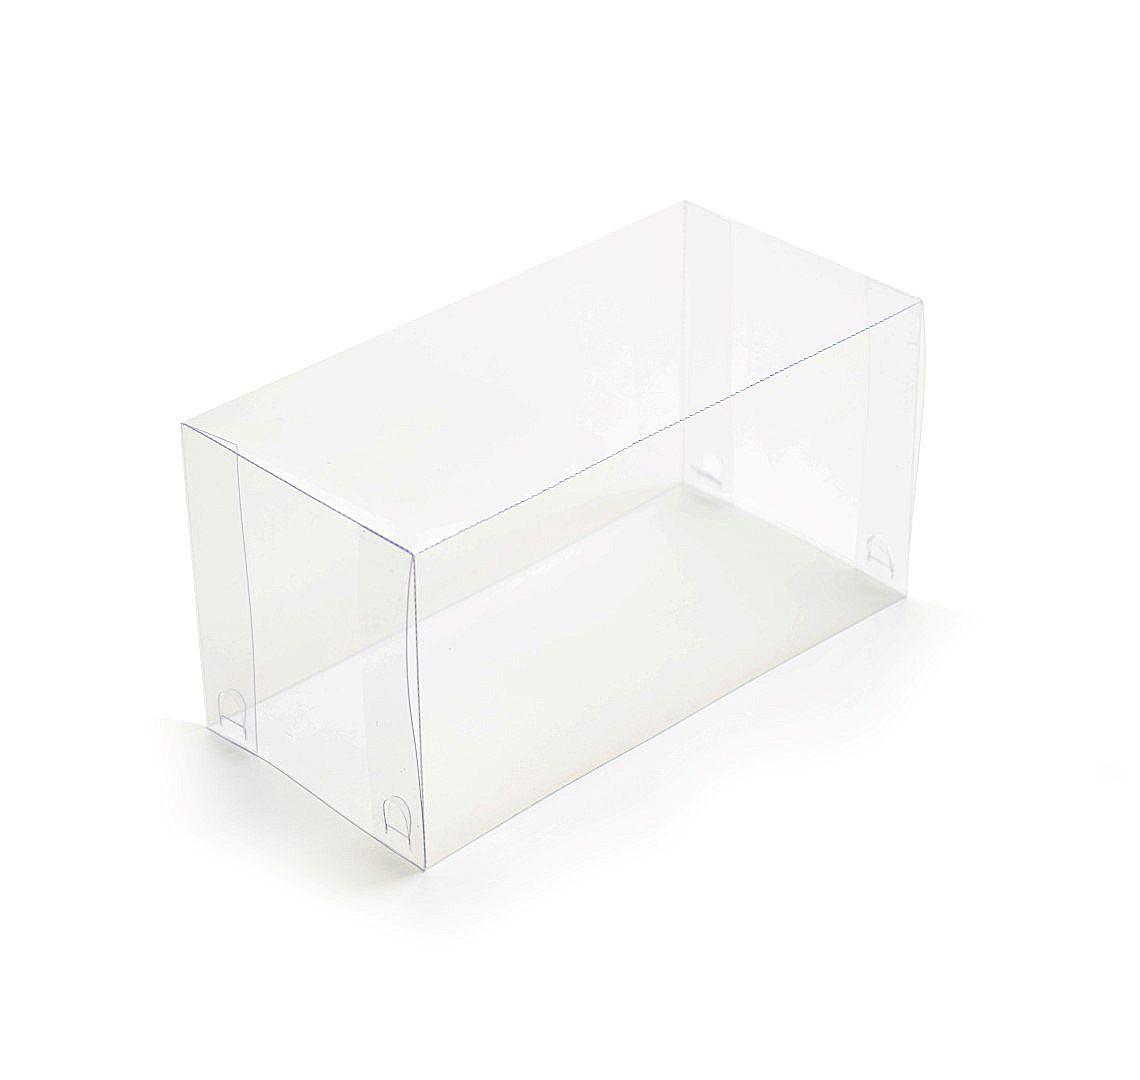 T021 - Tampa - 15,6x7,7x8 cm - Transparente